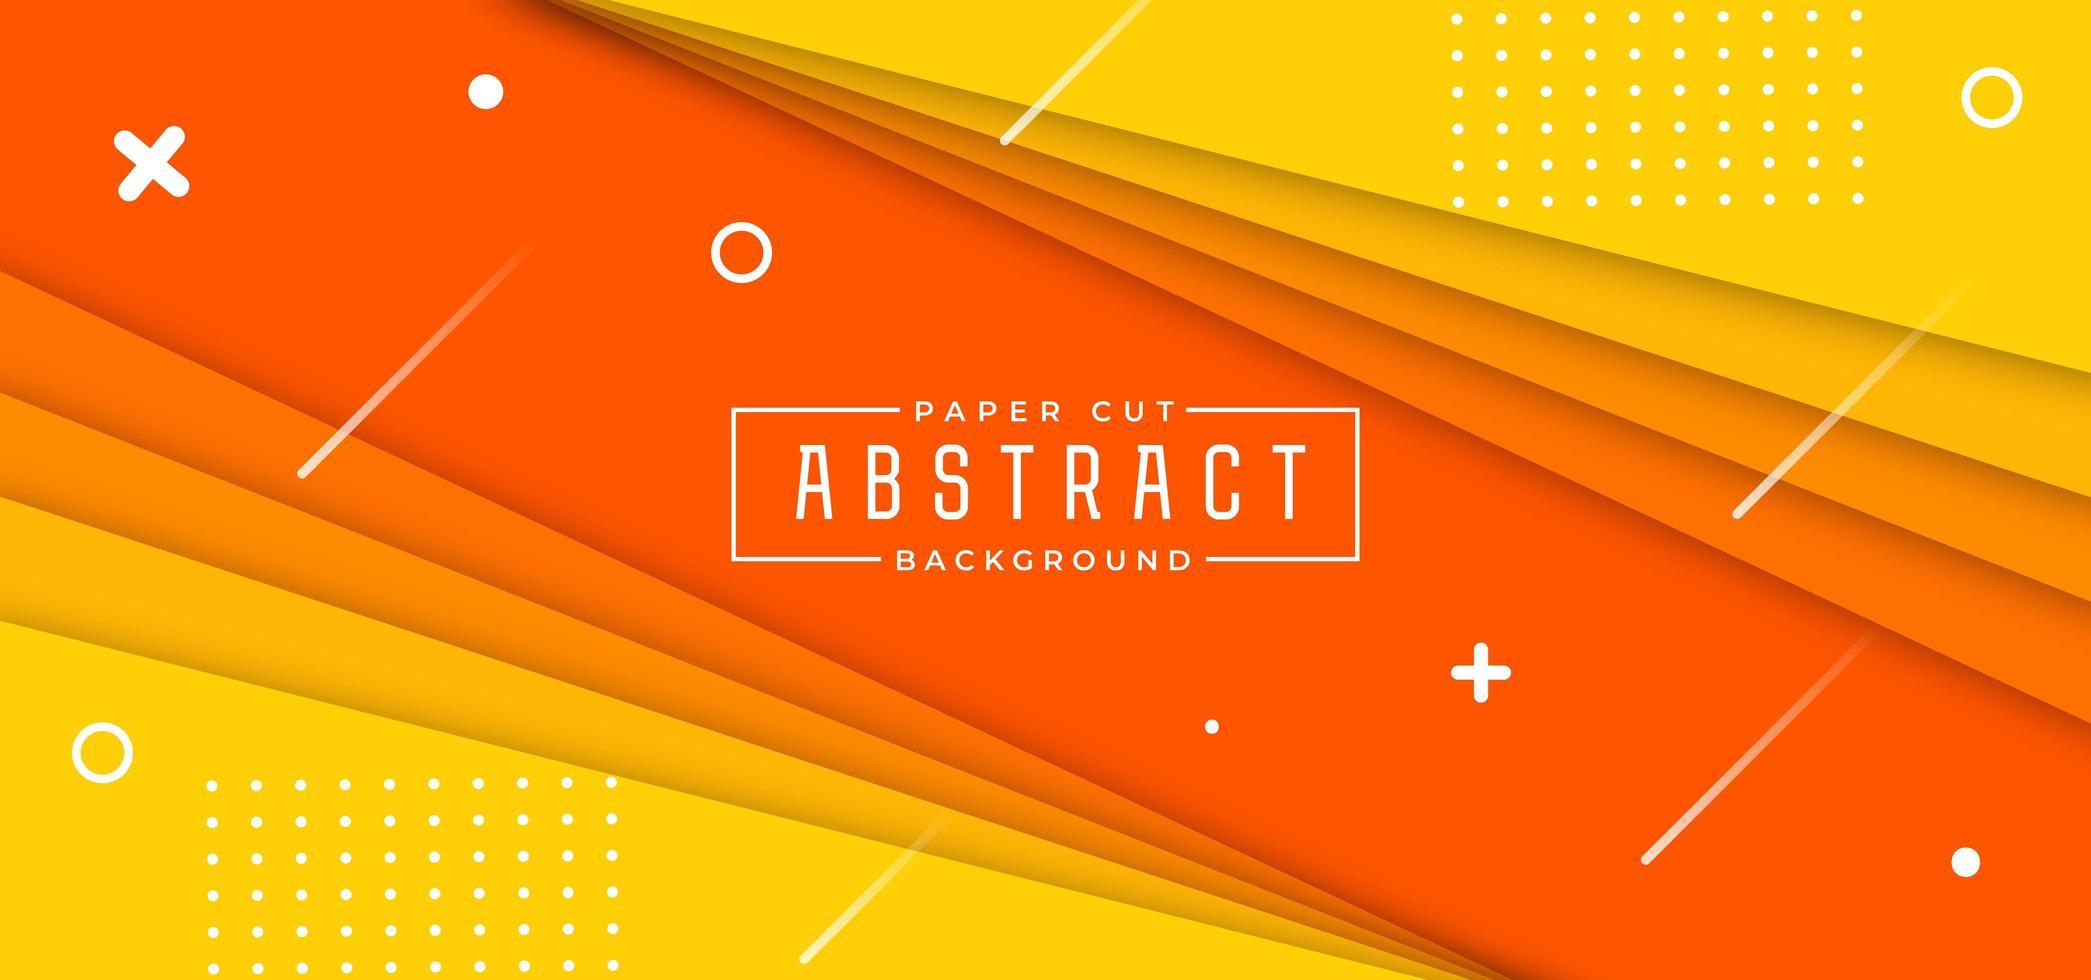 horizontales Banner mit orange und gelb geschichteten Winkeln vektor